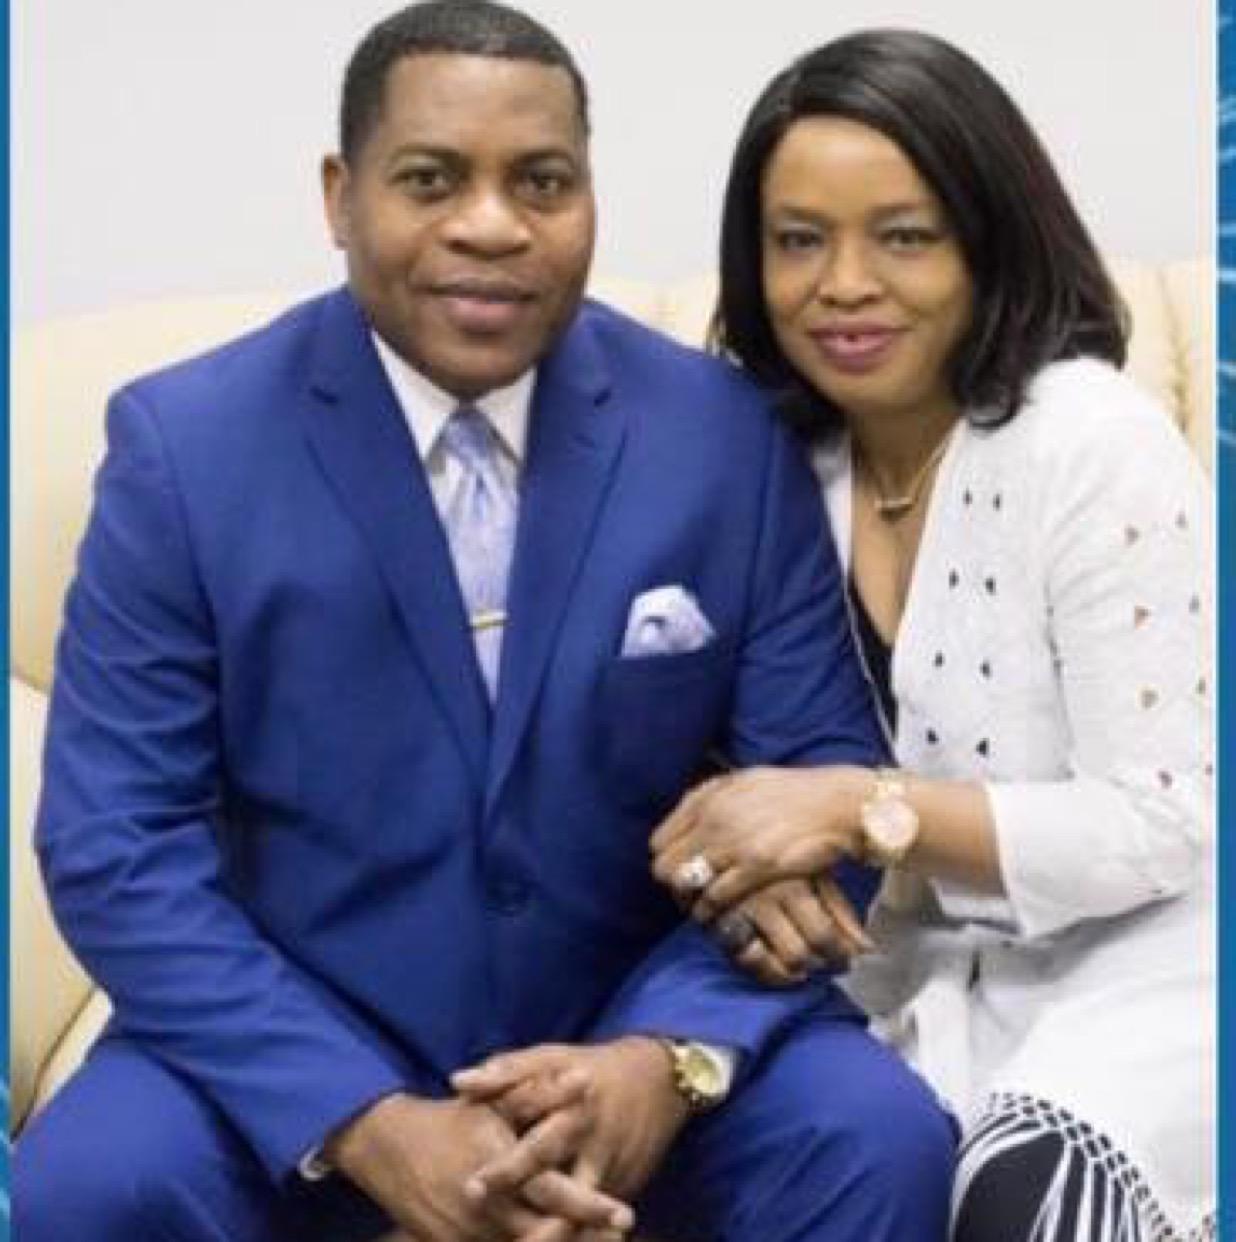 Happy Anniversary Pastor John and